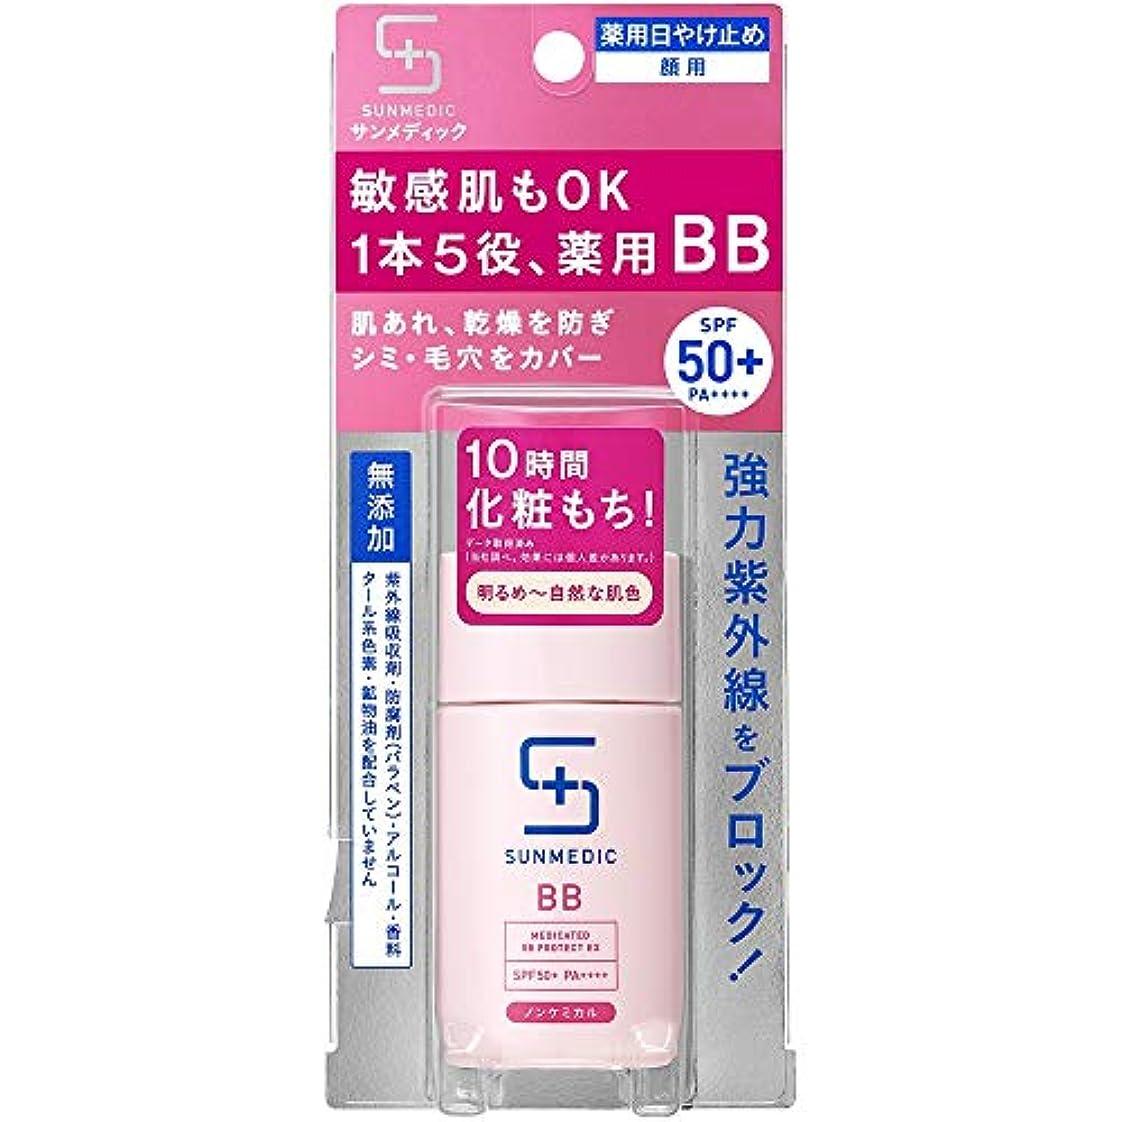 においにおい姿を消すサンメディックUV 薬用BBプロテクトEX ライト 30ml (医薬部外品)